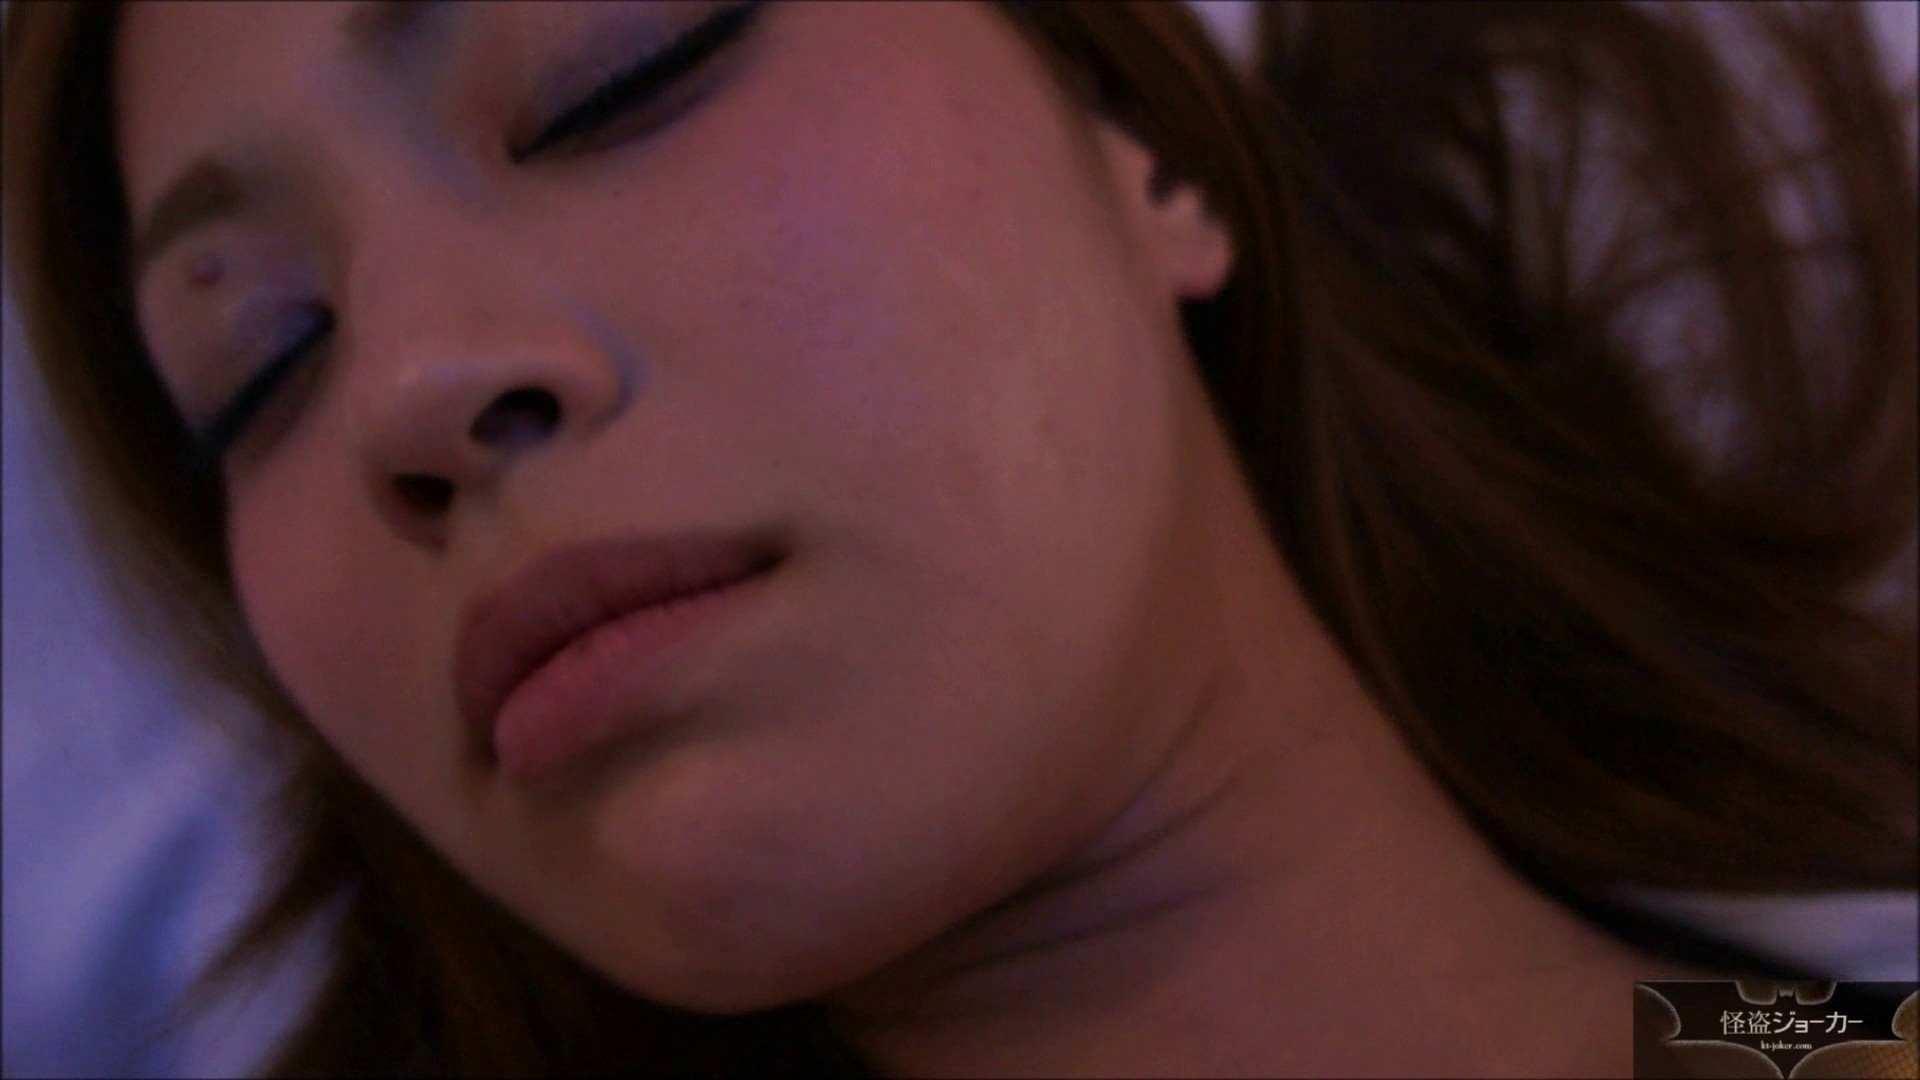 【未公開】vol.8 セレブ美魔女・ユキさんとの密会後・・・ ホテルでエッチ 覗きぱこり動画紹介 63pic 43